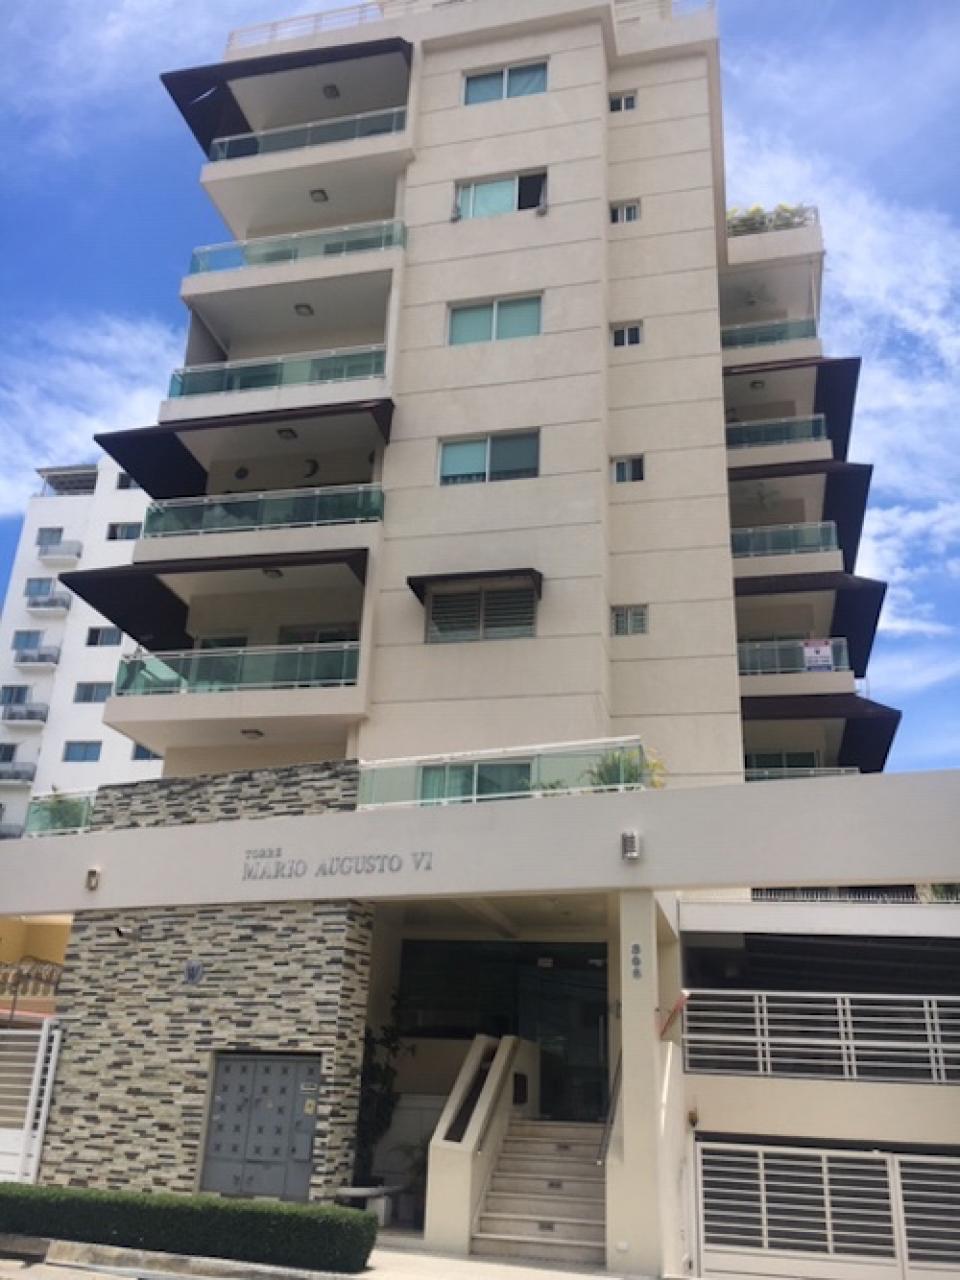 Apartamento en venta en el sector EVARISTO MORALES precio US$ 172,500.00 US$172,500